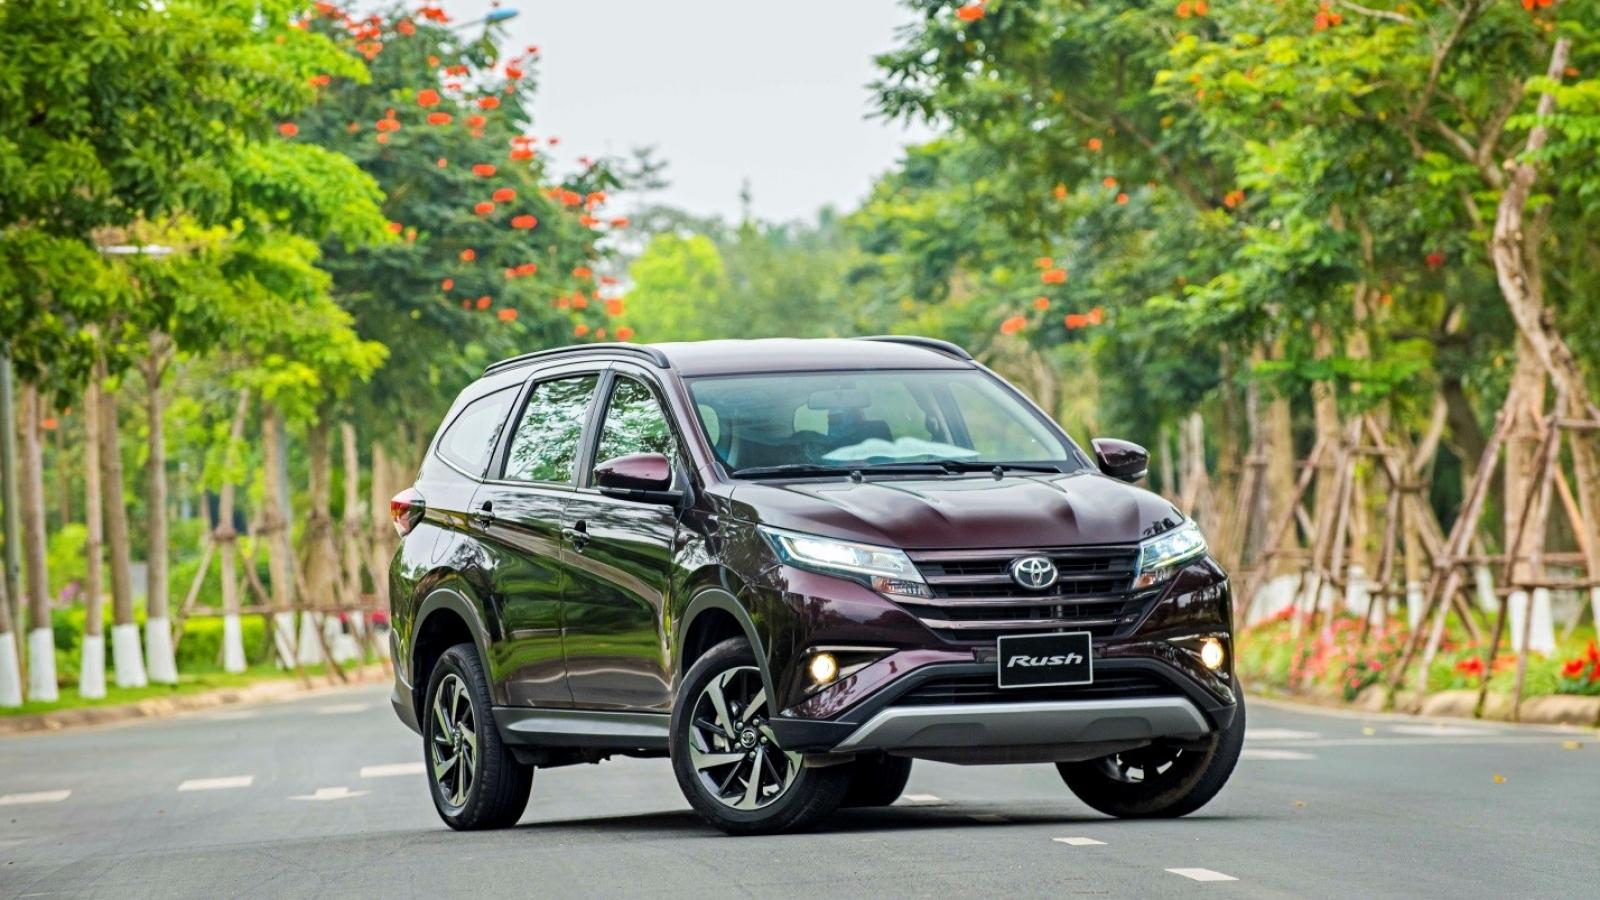 Toyota Rush giảm giá bán, tặng quà hấp dẫn lên tới 50 triệu đồng